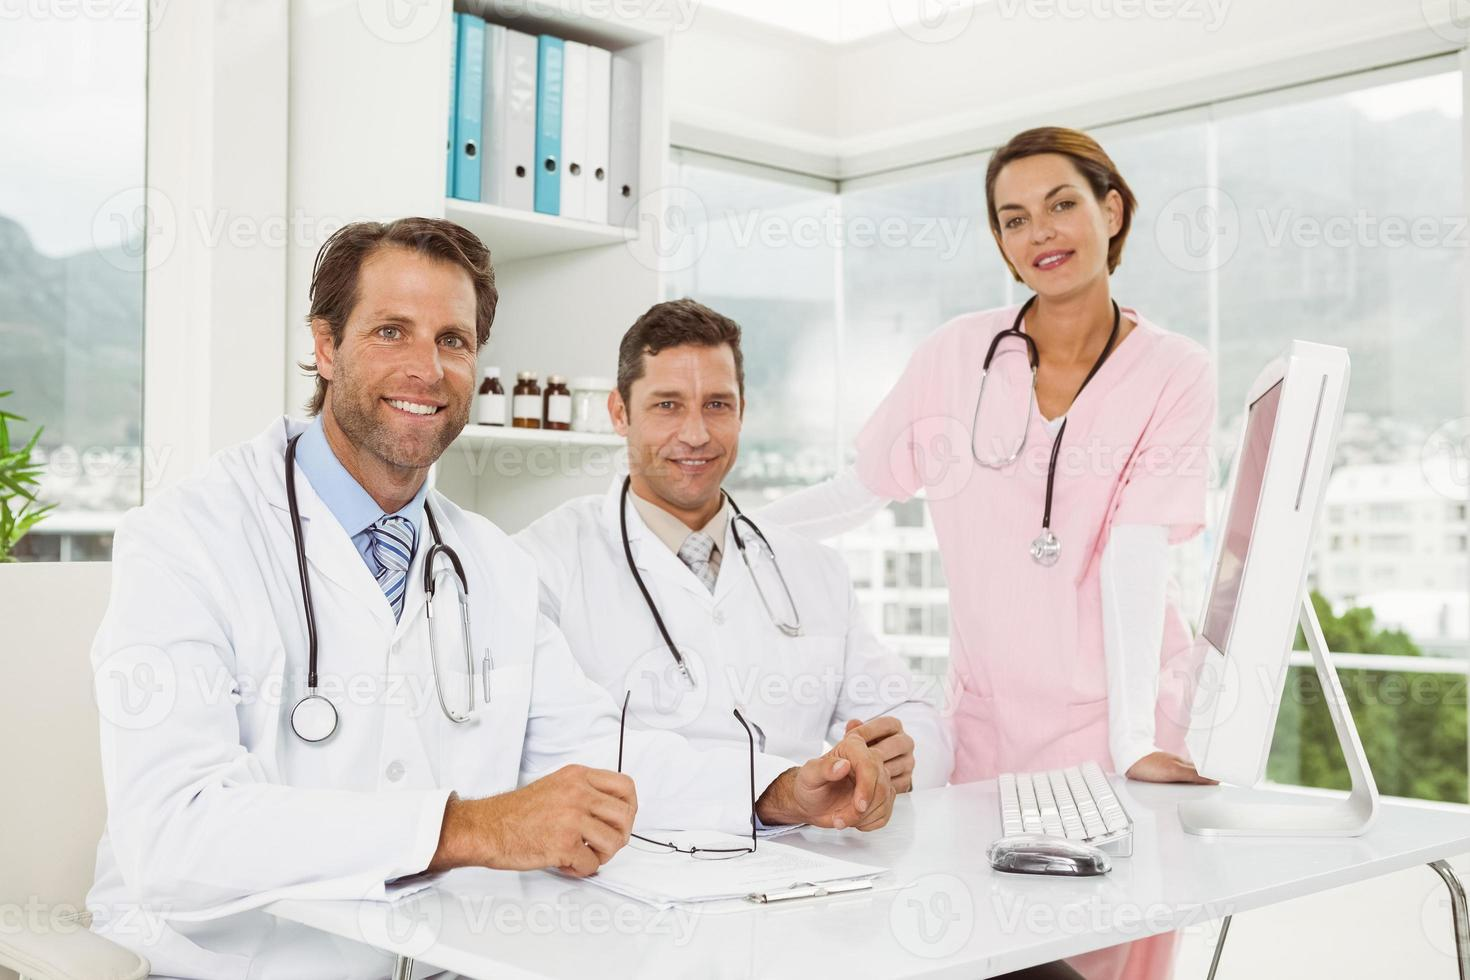 médicos confiantes, sorrindo no consultório médico foto